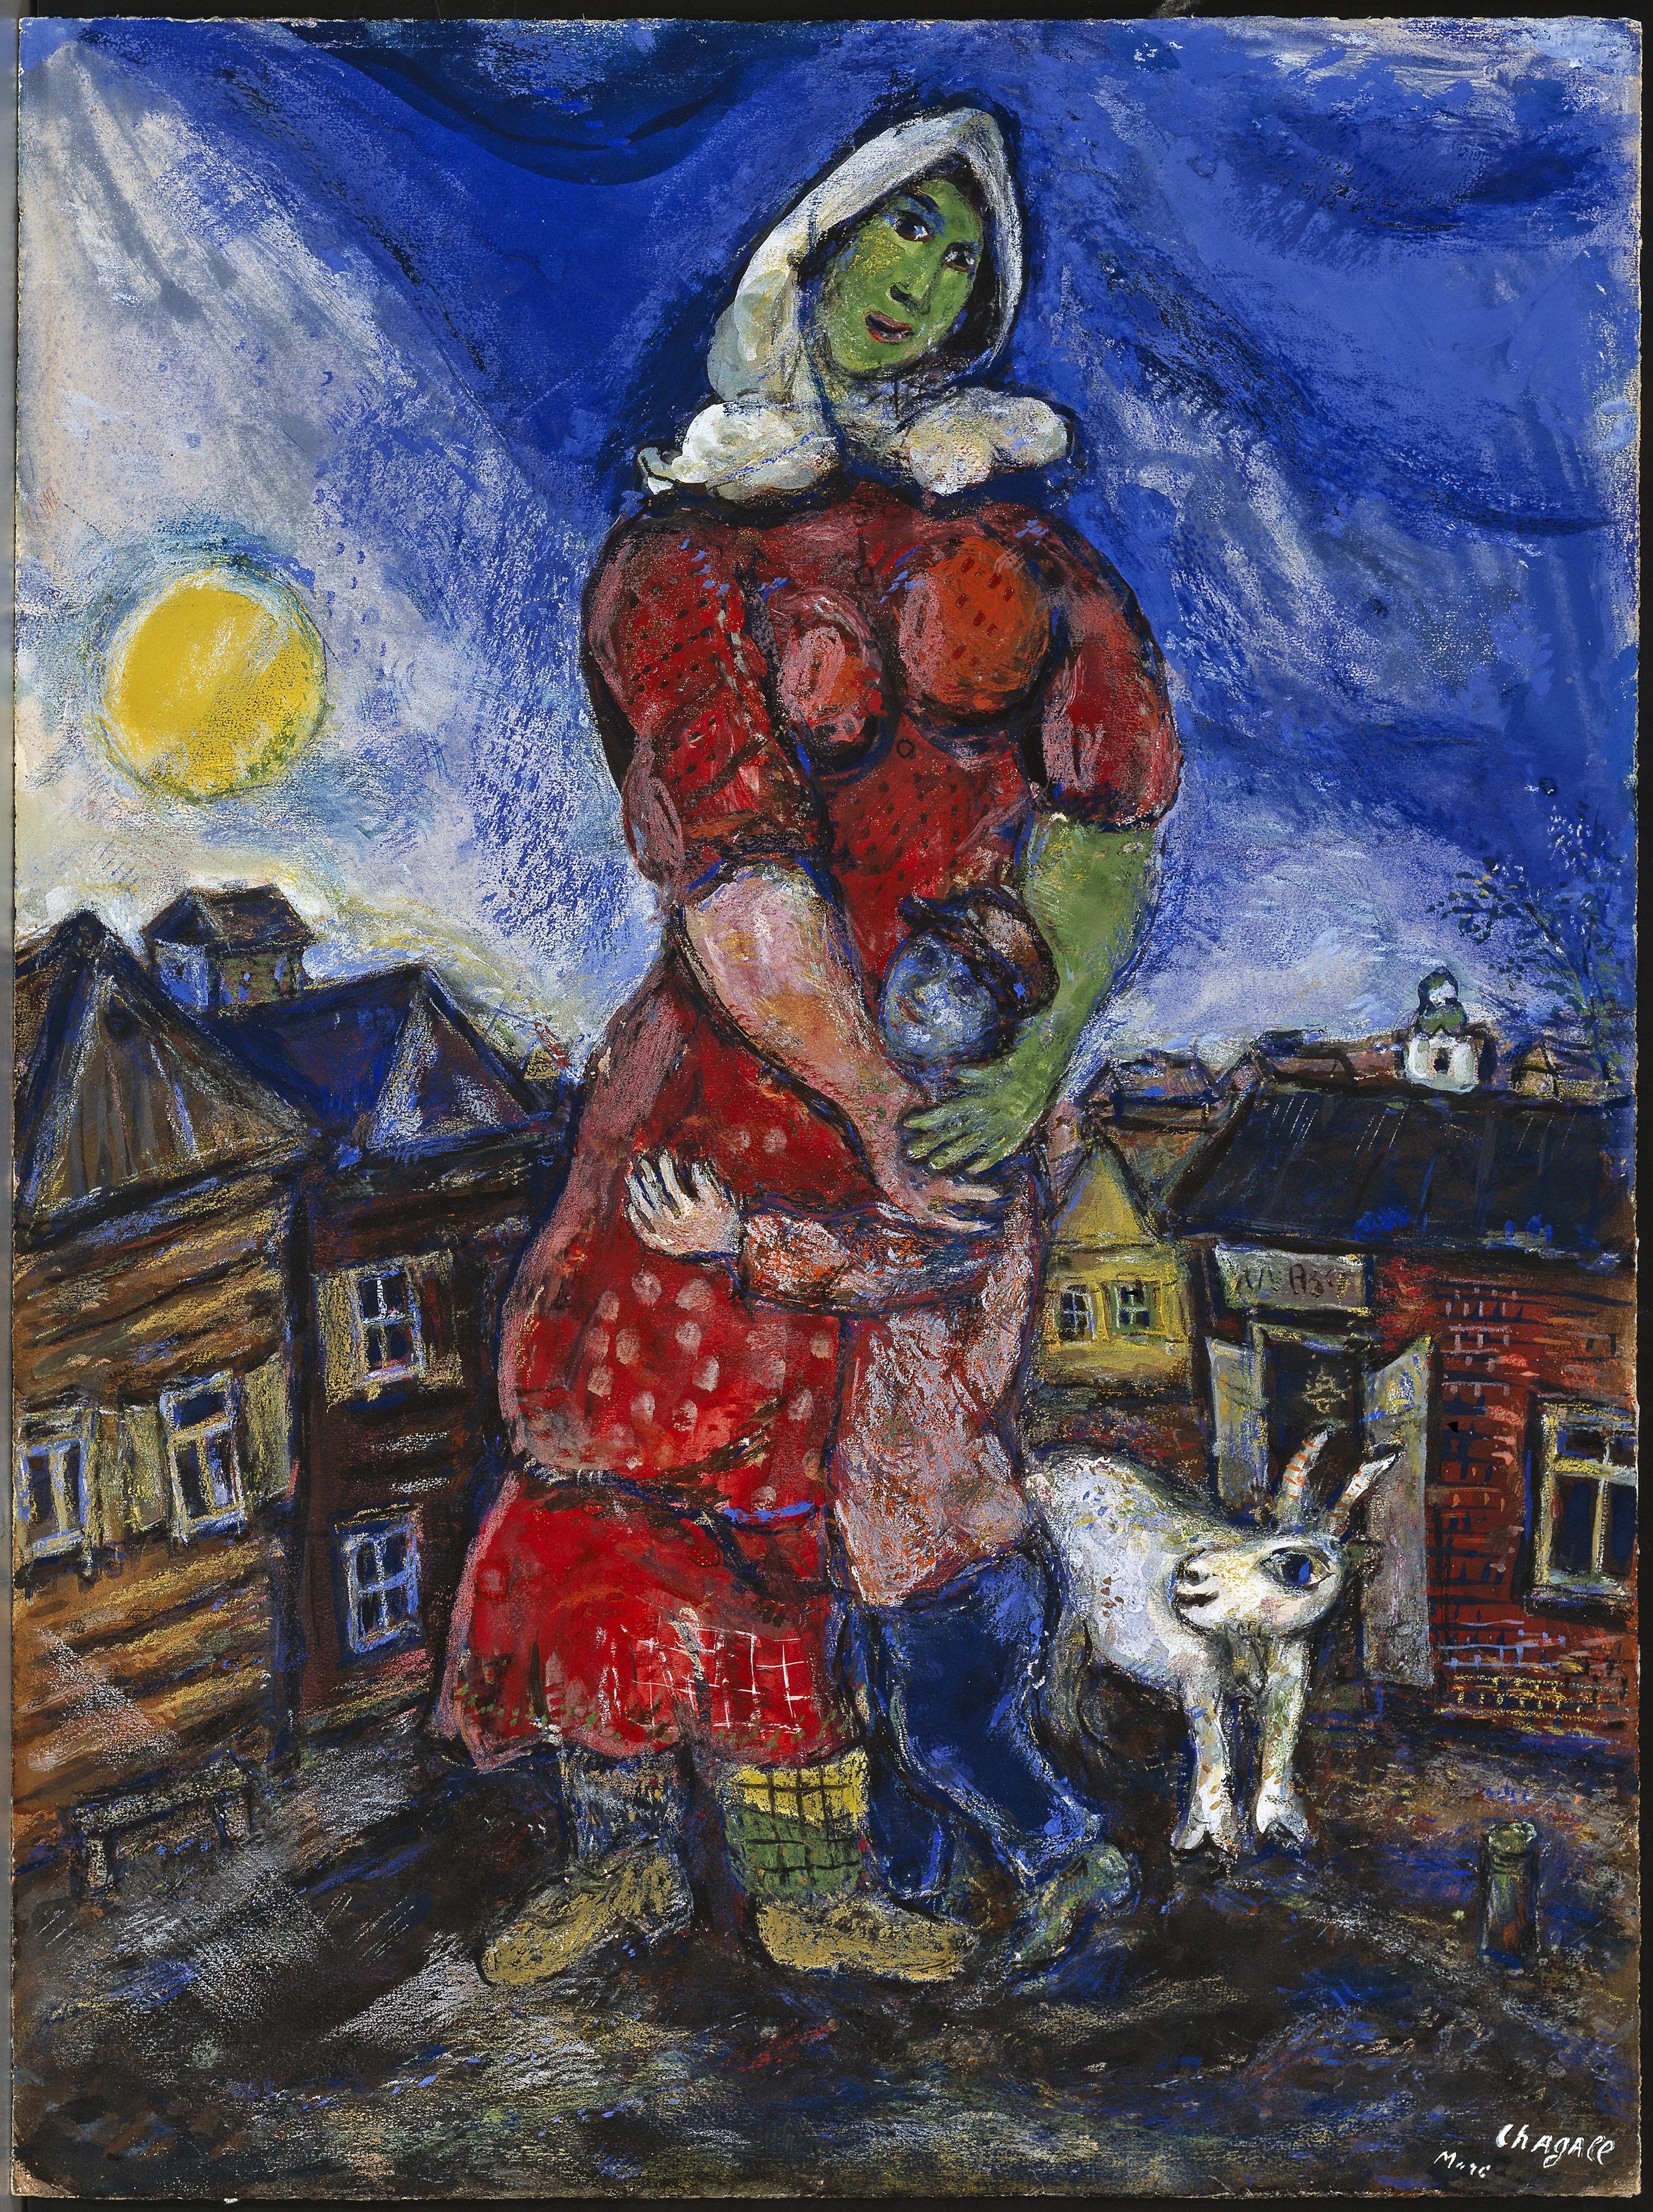 Tefaf art fine art maastricht 2013 for Chagall st paul de vence